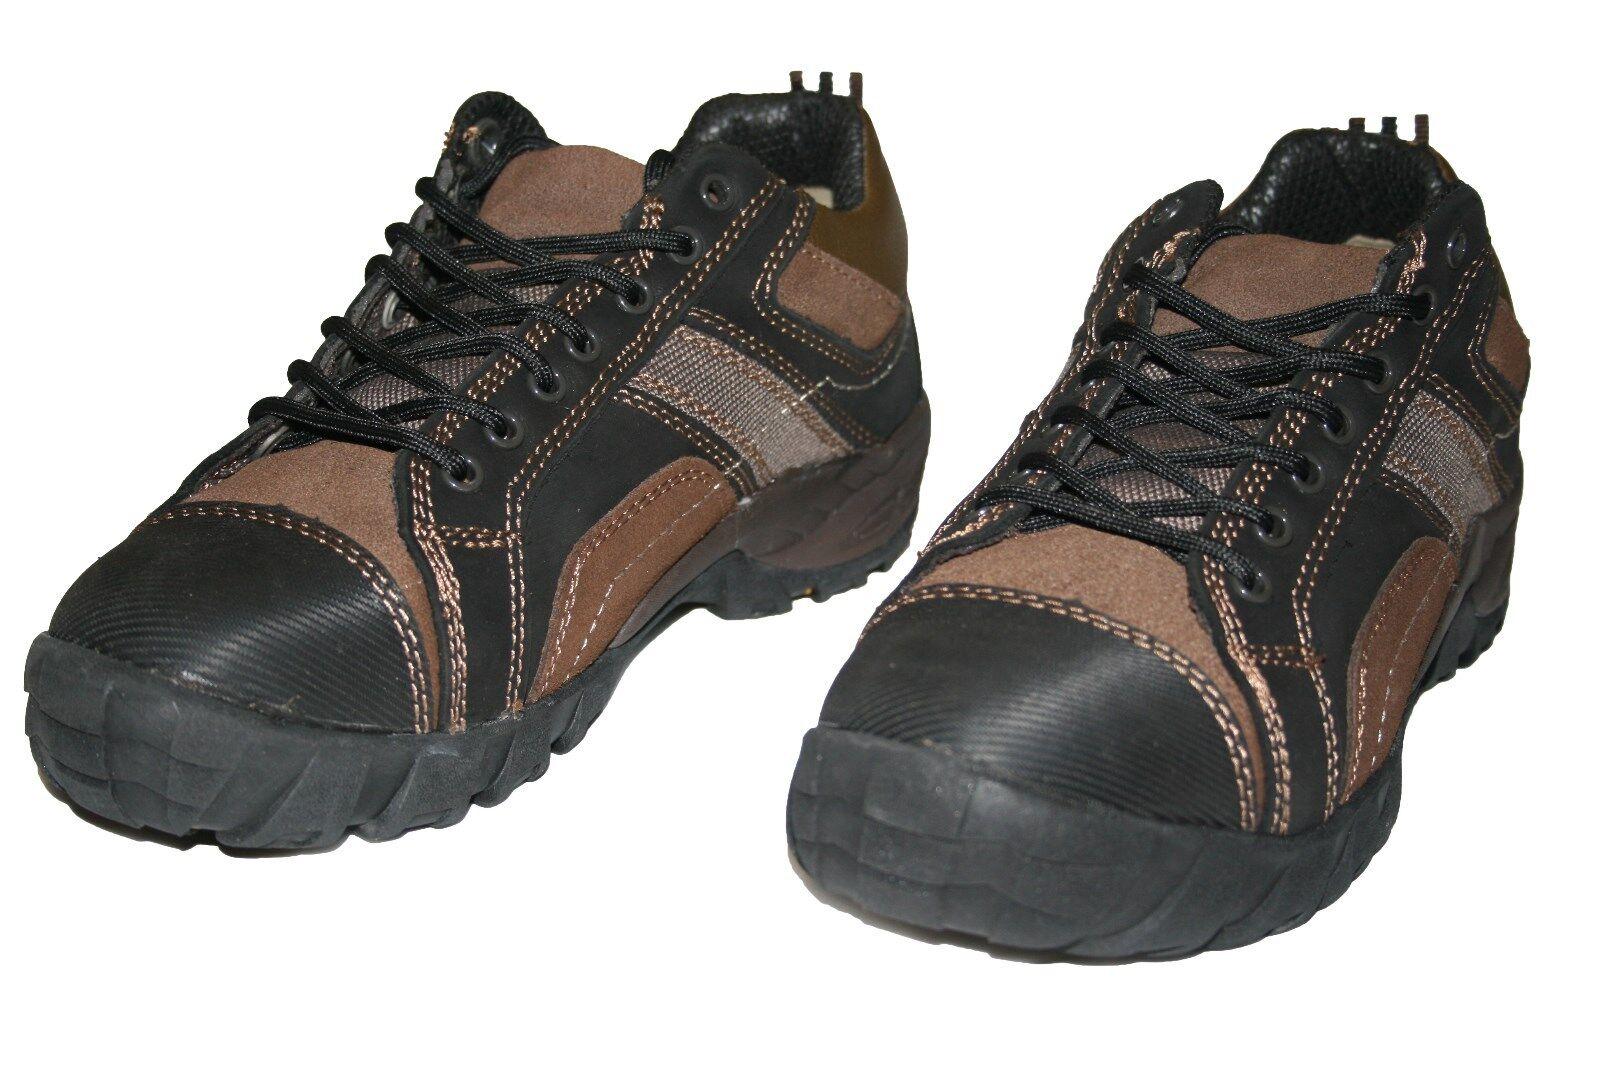 hombres zapatillas HIKING botas TWO TONE negro marrón TallaS 7 8 9 10 11 12 13